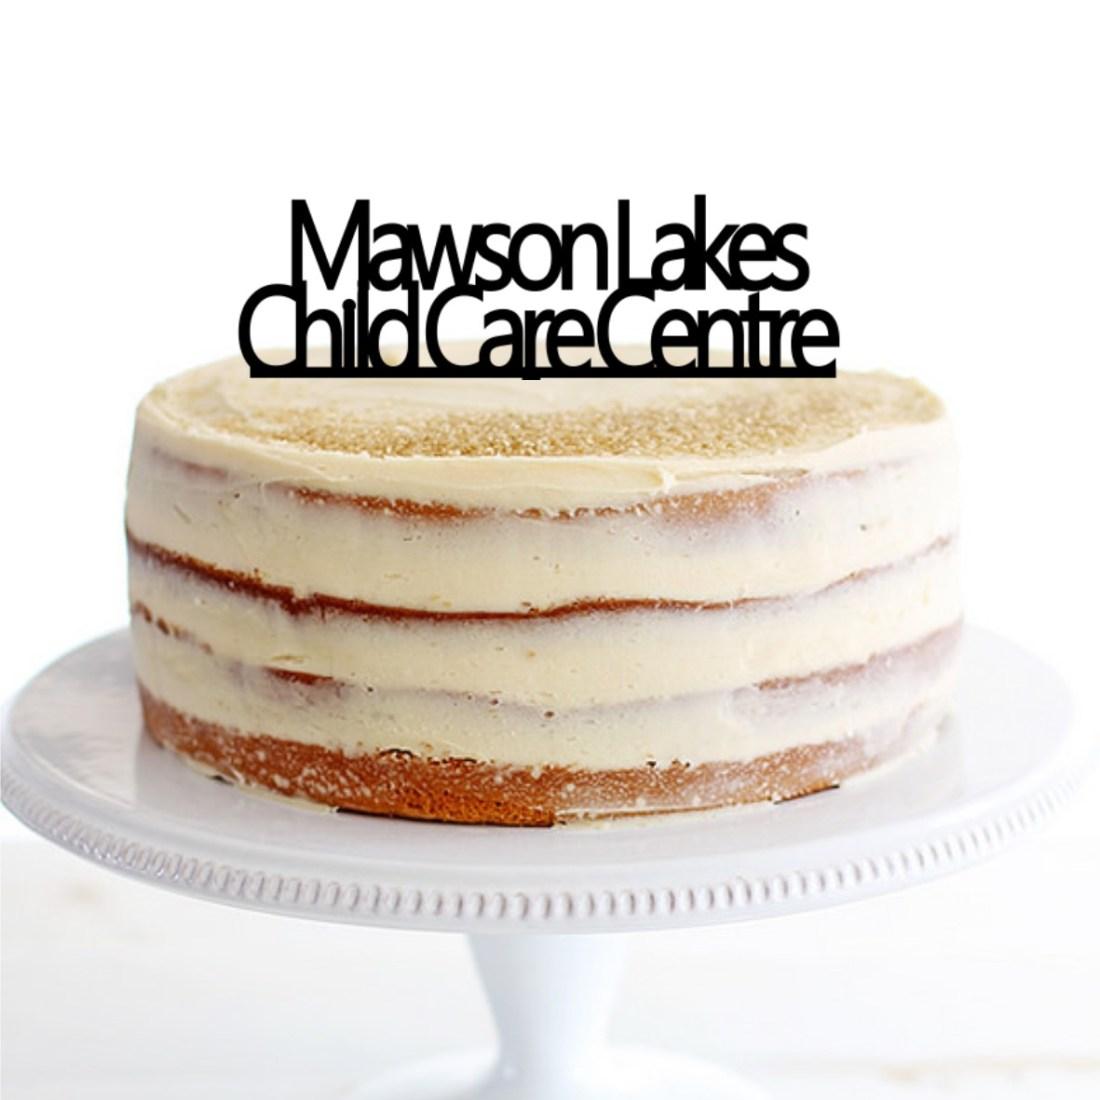 Child Care Centre Cake Topper